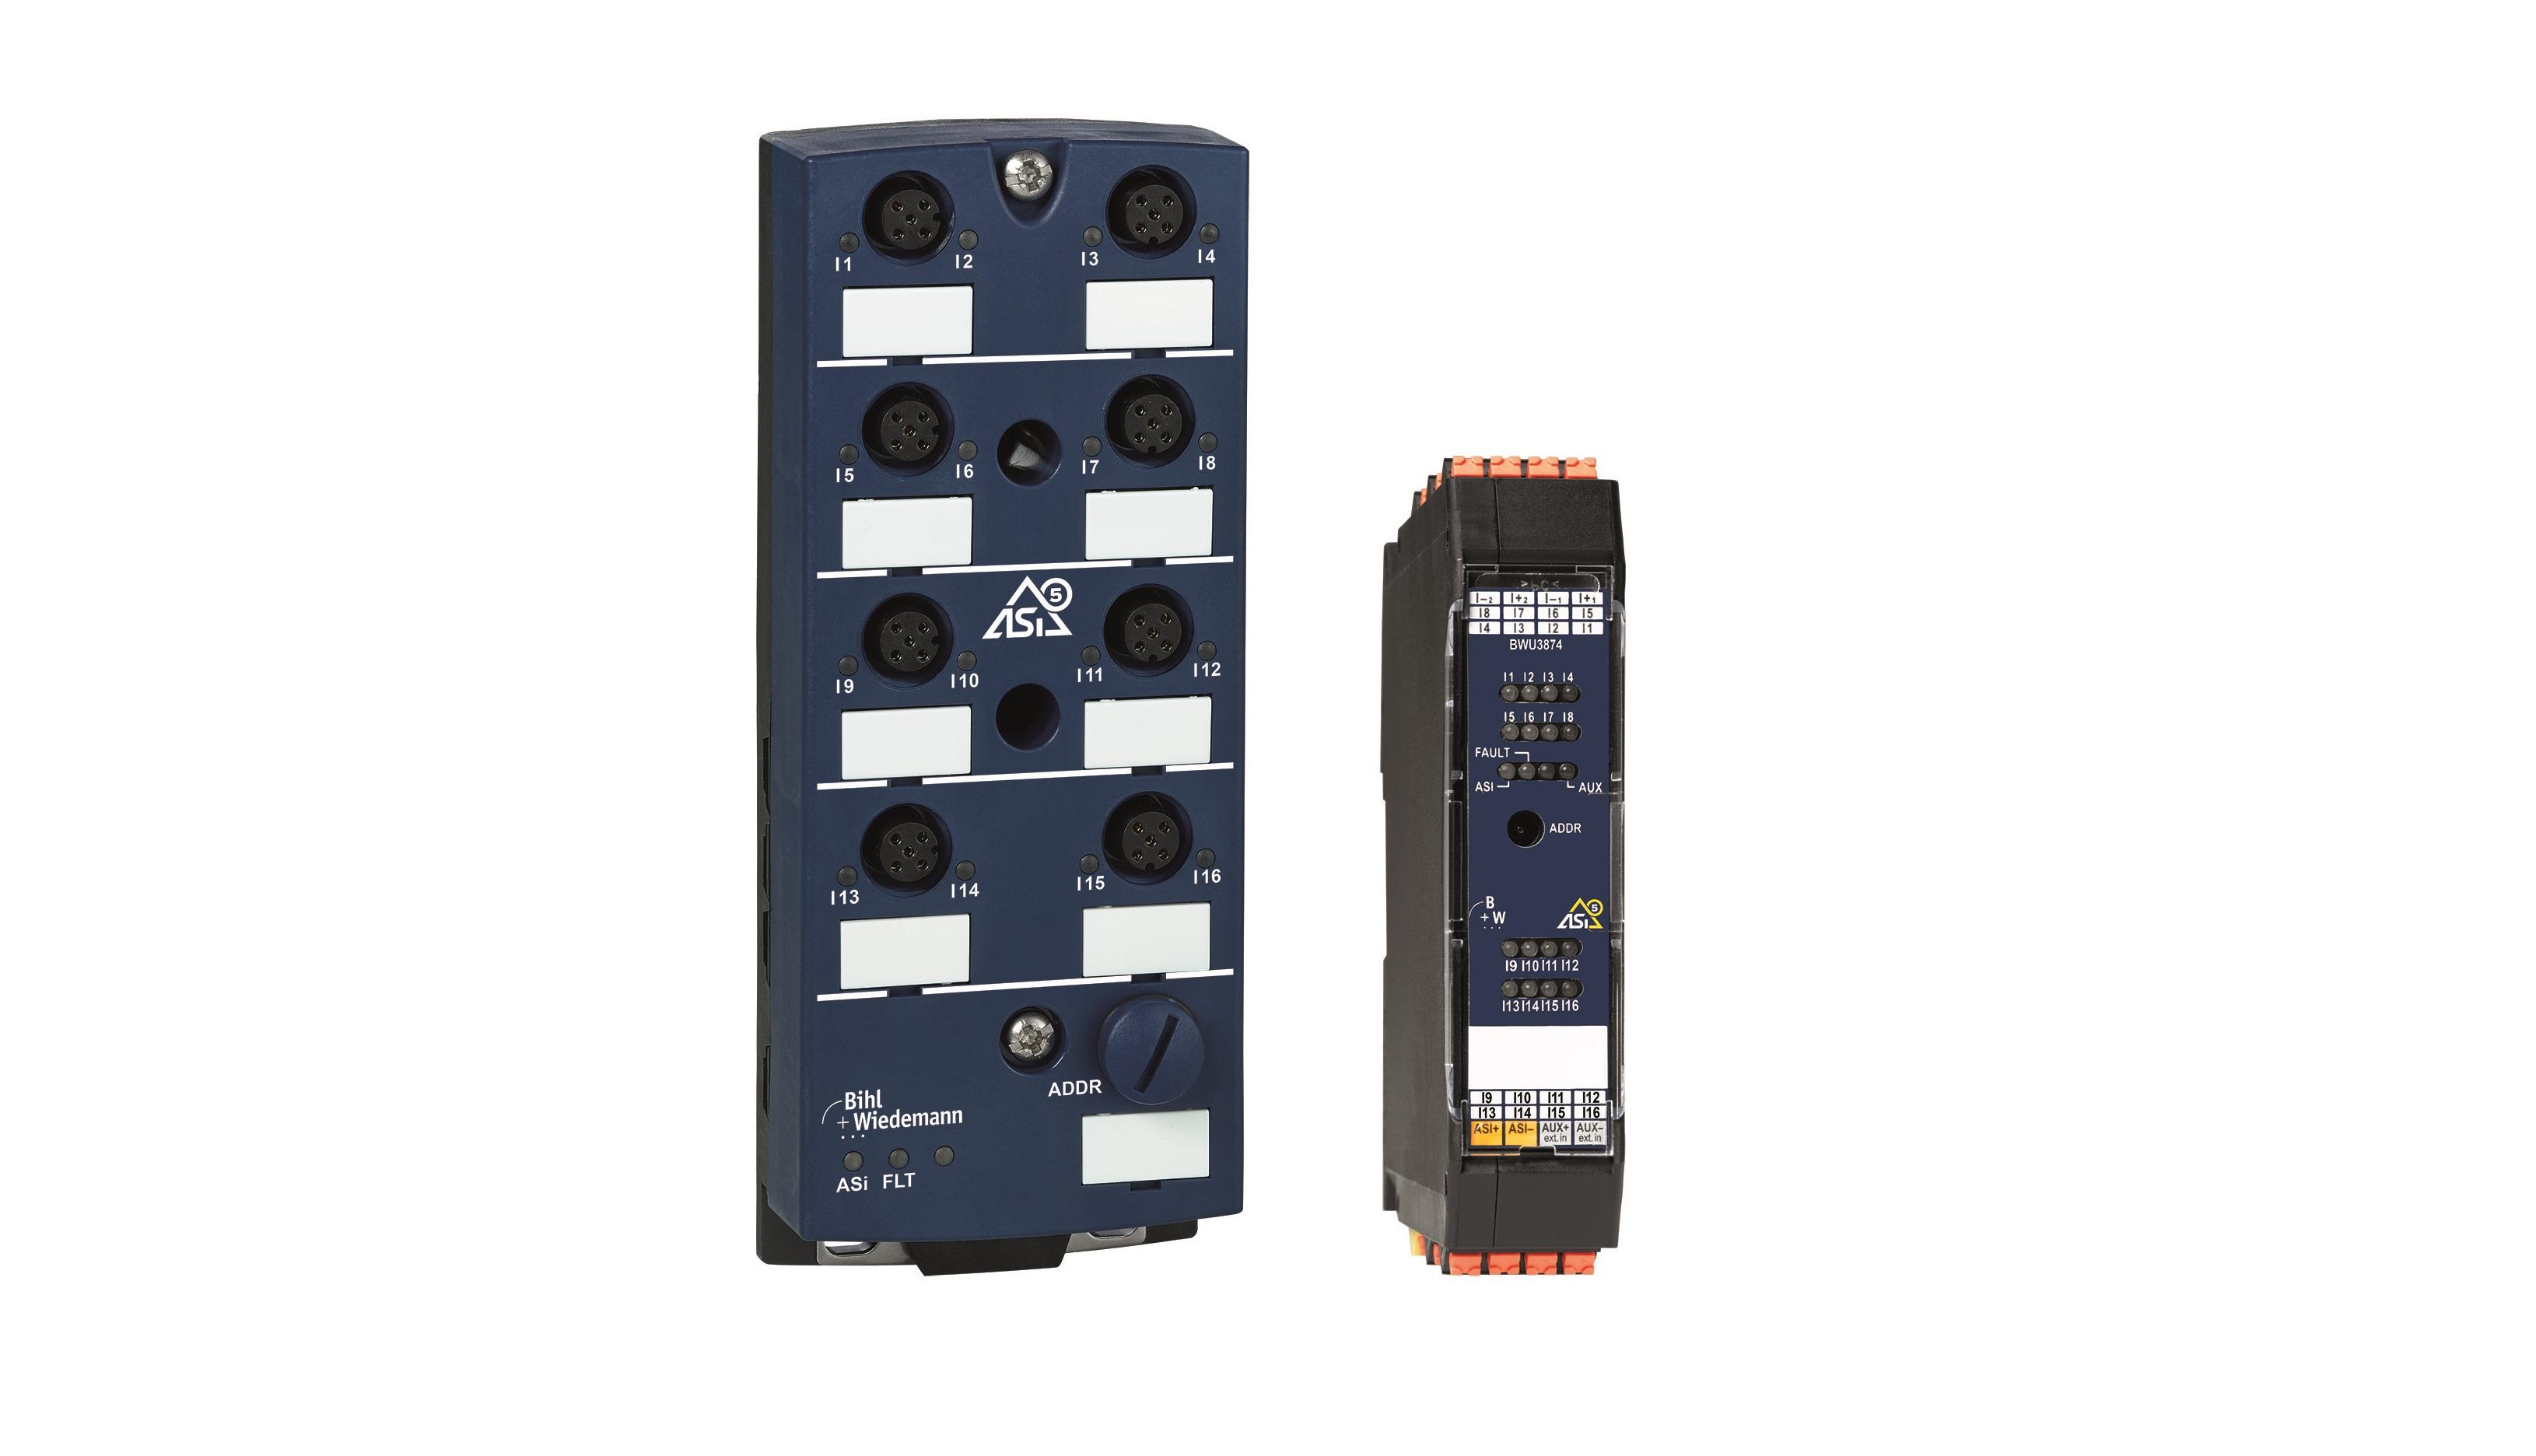 Primeros módulos digitales ASi-5 de Bihl+Wiedemann